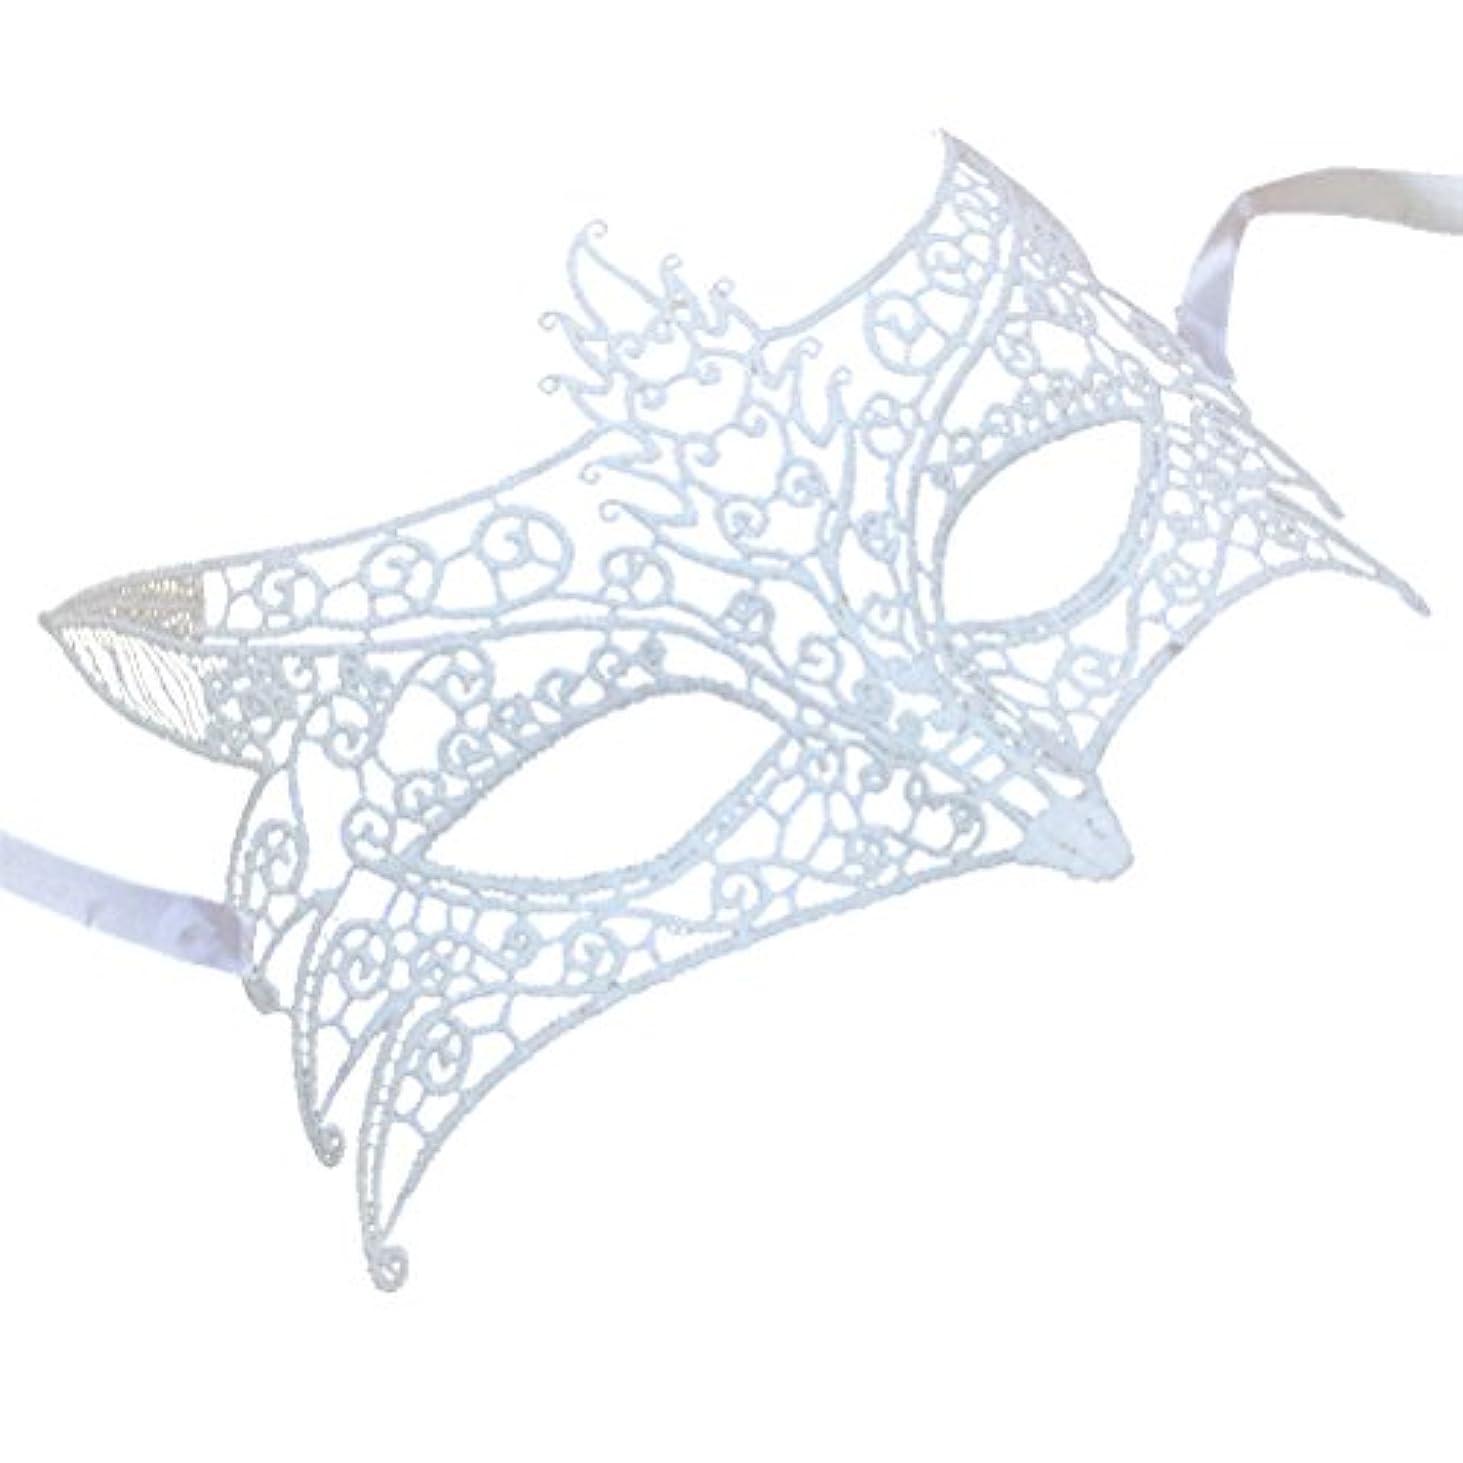 ヘルパー驚かすピッチAMOSFUN キツネの形をしたレースパーティーマスクイブニングパーティーウエディングマスカレードマスク(ホワイト)